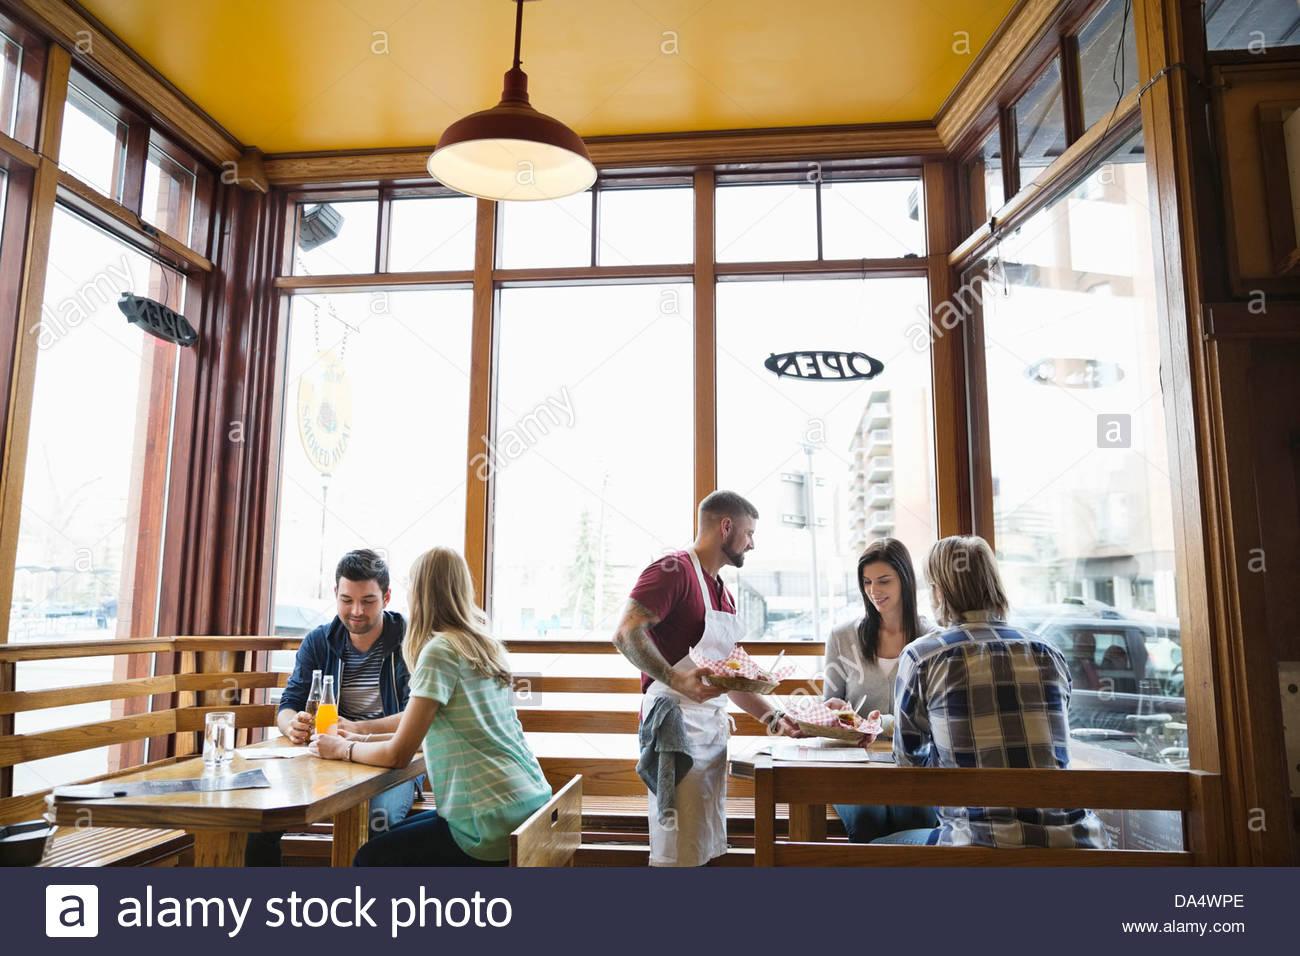 Männliche Deli Besitzer Speisen an Kunden Stockfoto